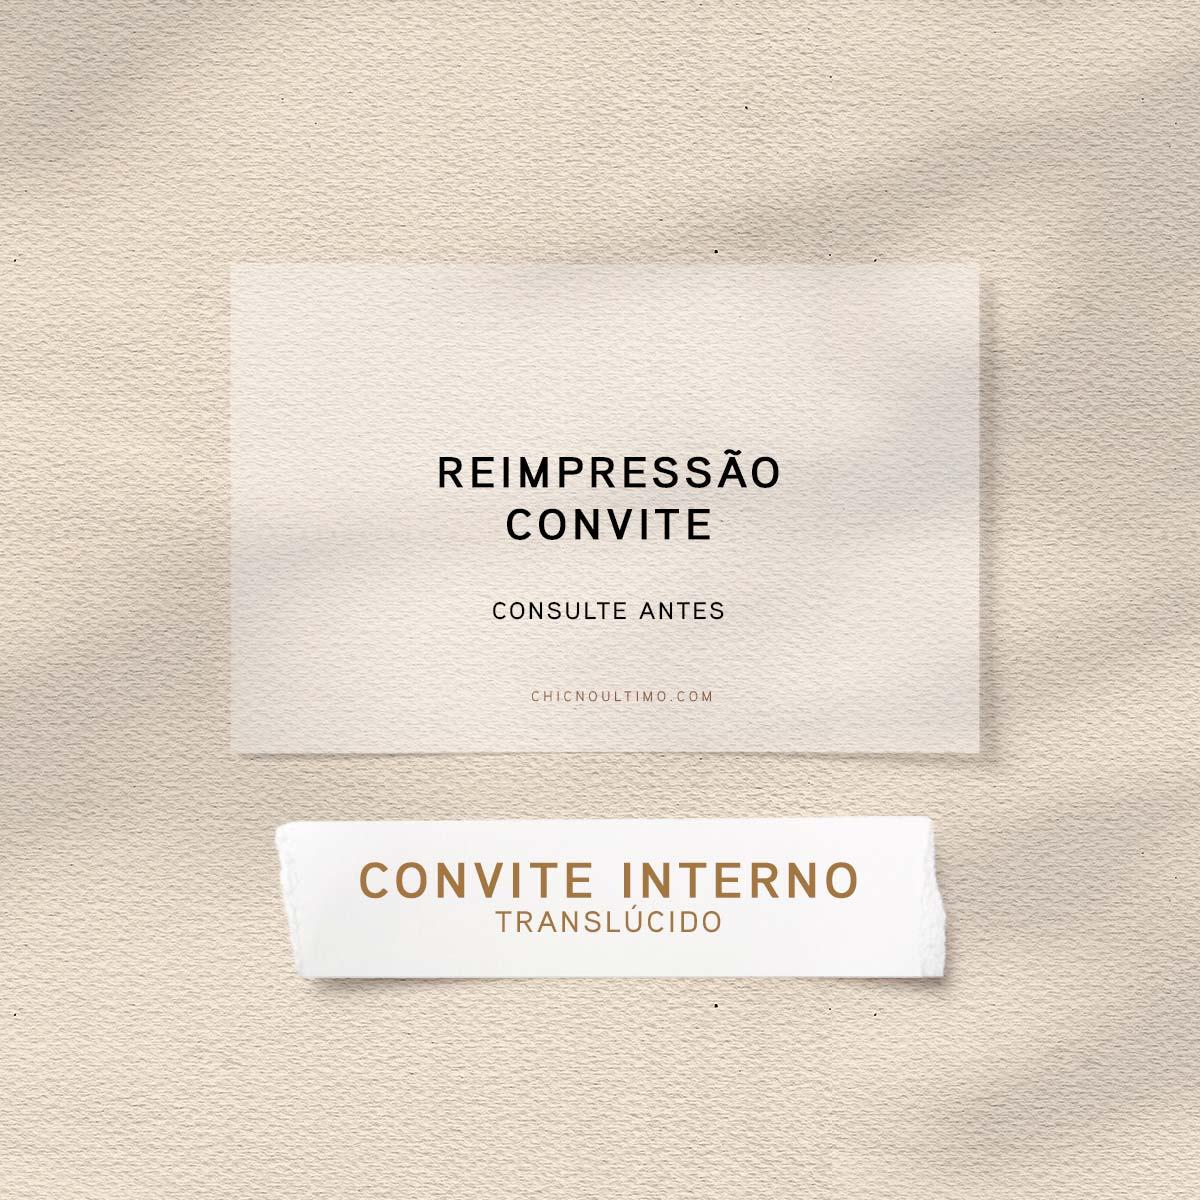 Reimpressão convites - papel translúcido